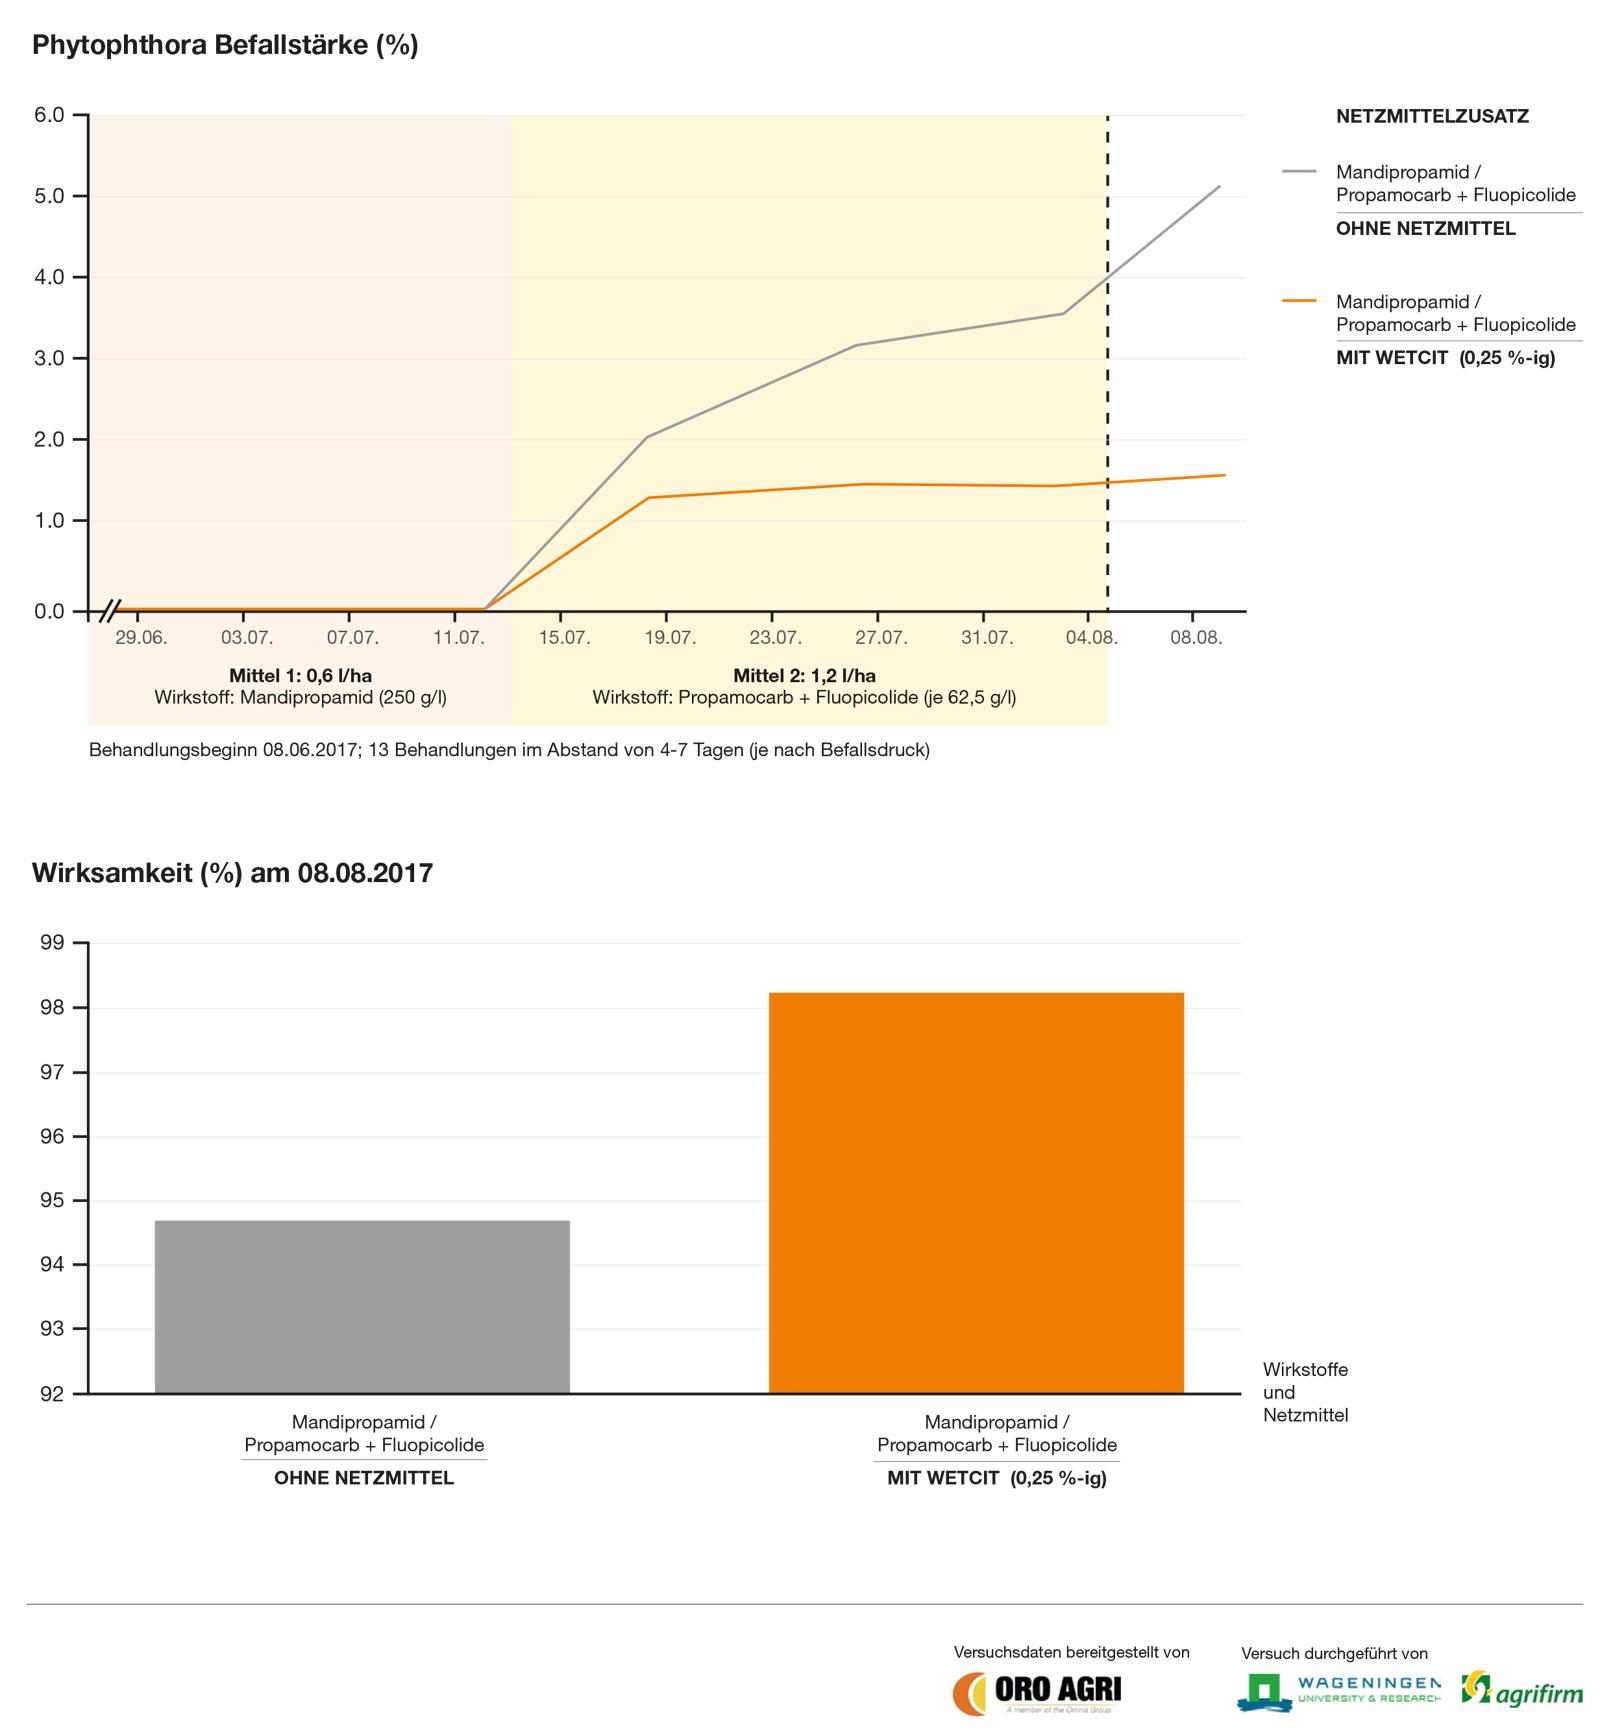 WETCIT 2018 Diagramm Lelystad 2017 alle EU0446 V2